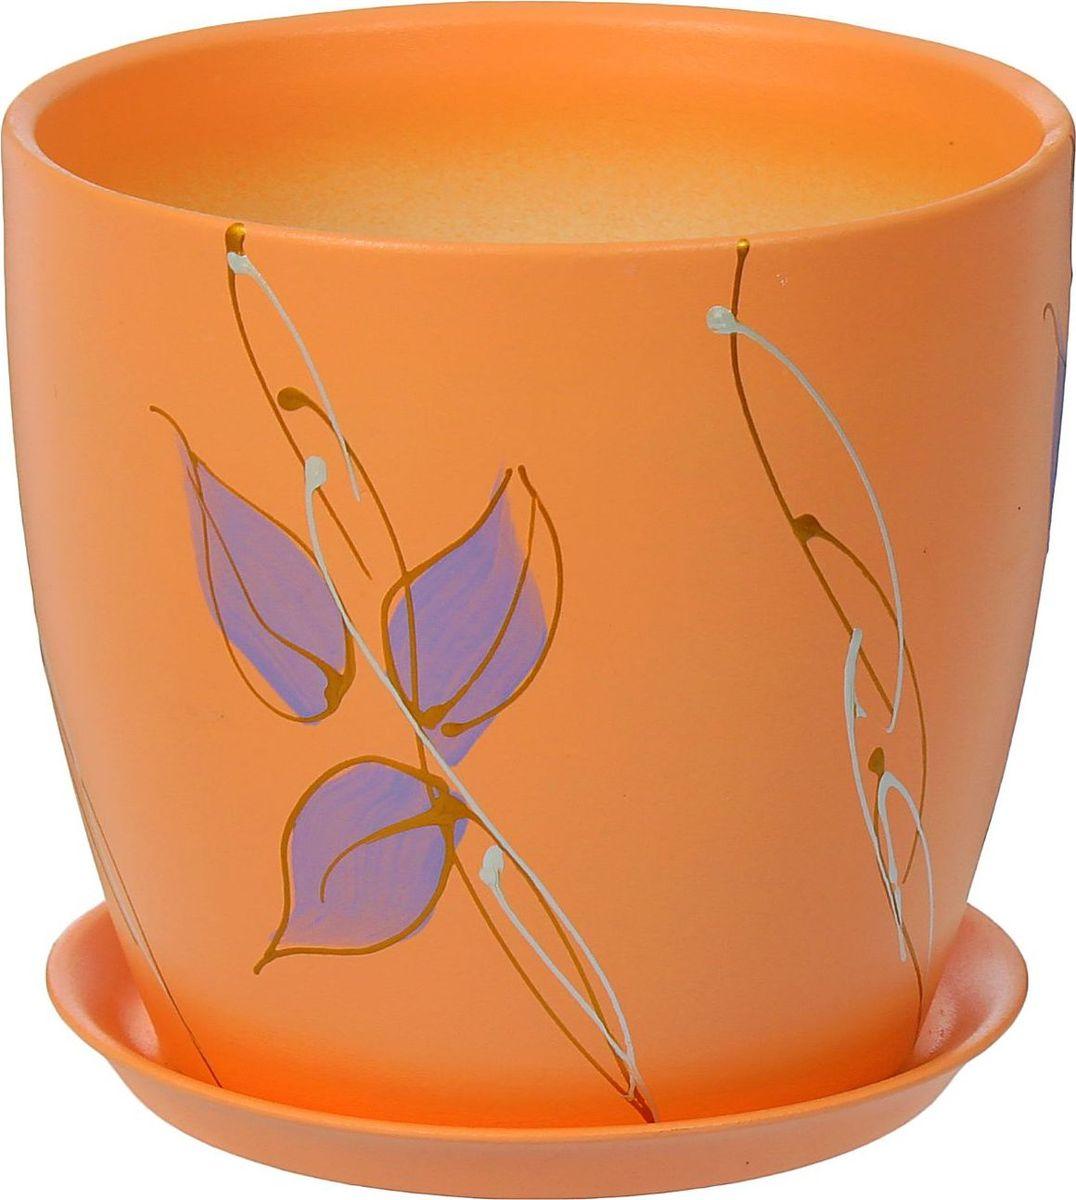 Кашпо Керамика ручной работы Осень. Роспись, цвет: оранжевый, 3 л1170383Комнатные растения — всеобщие любимцы. Они радуют глаз, насыщают помещение кислородом и украшают пространство. Каждому из них необходим свой удобный и красивый дом. Кашпо из керамики прекрасно подходят для высадки растений: за счет пластичности глины и разных способов обработки существует великое множество форм и дизайнов пористый материал позволяет испаряться лишней влаге воздух, необходимый для дыхания корней, проникает сквозь керамические стенки! позаботится о зеленом питомце, освежит интерьер и подчеркнет его стиль.